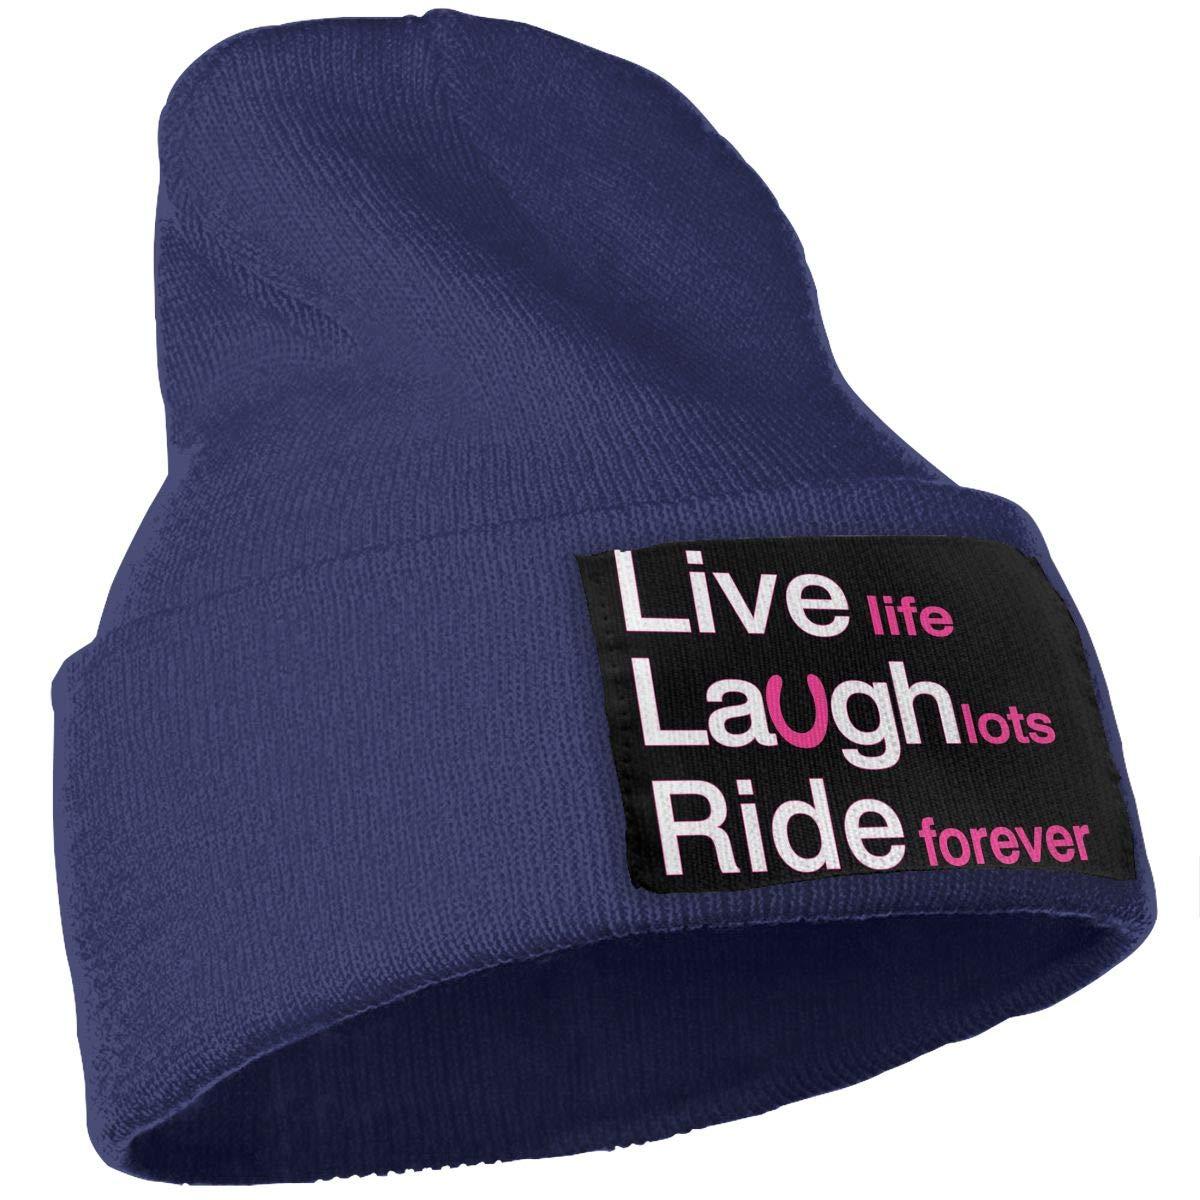 Unisex 100/% Acrylic Knit Hat Cap Live Laugh Ride Cute Beanie Hat